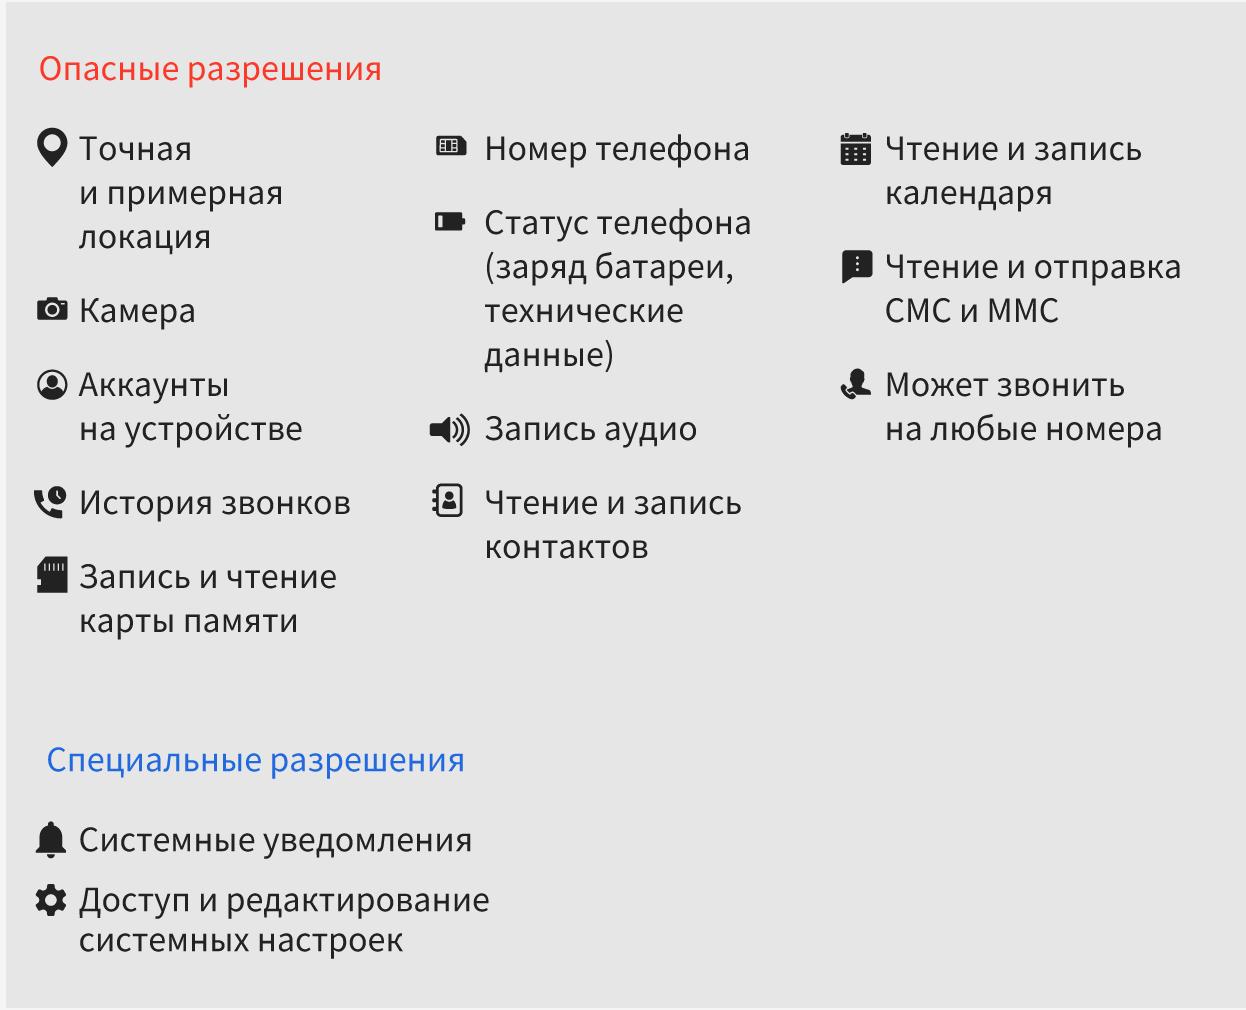 Типы разрешений, разделенные по типу опасности по мнению Exodus